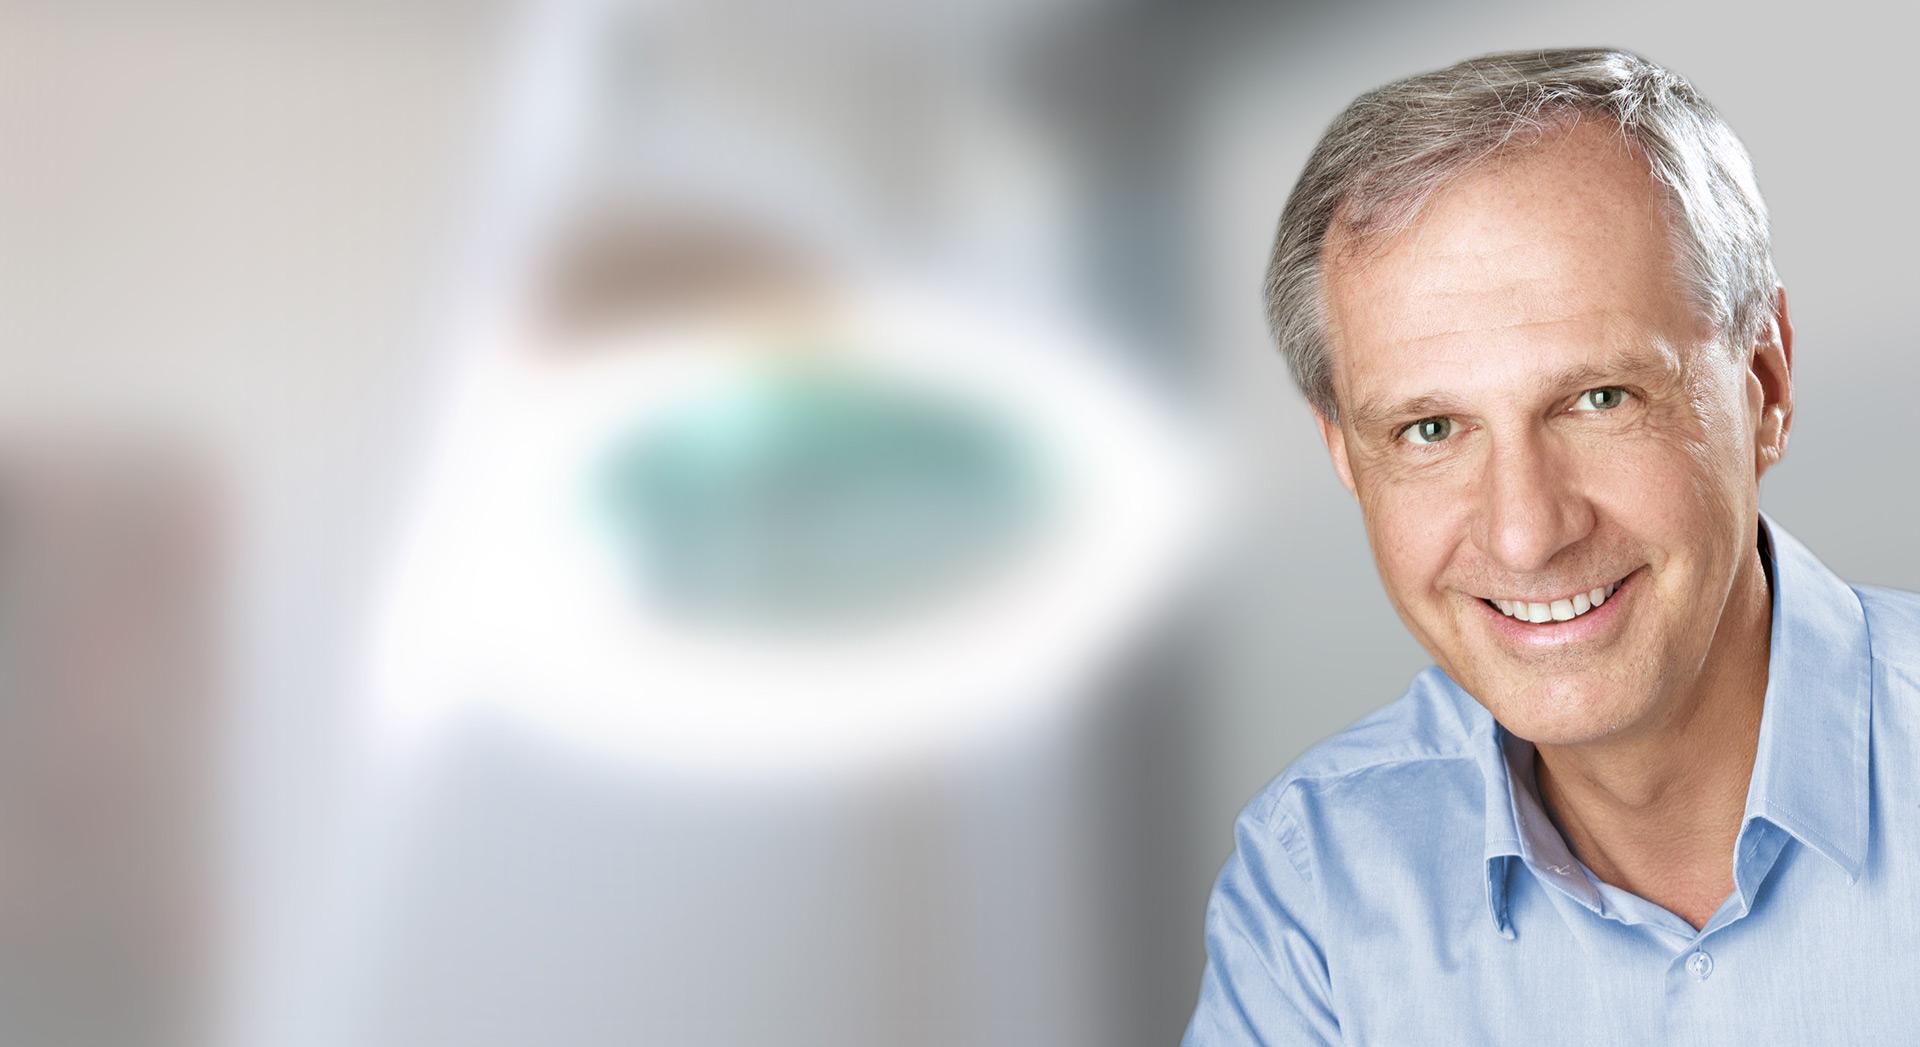 prof dr med bernd kleine gunk frauenarzt. Black Bedroom Furniture Sets. Home Design Ideas